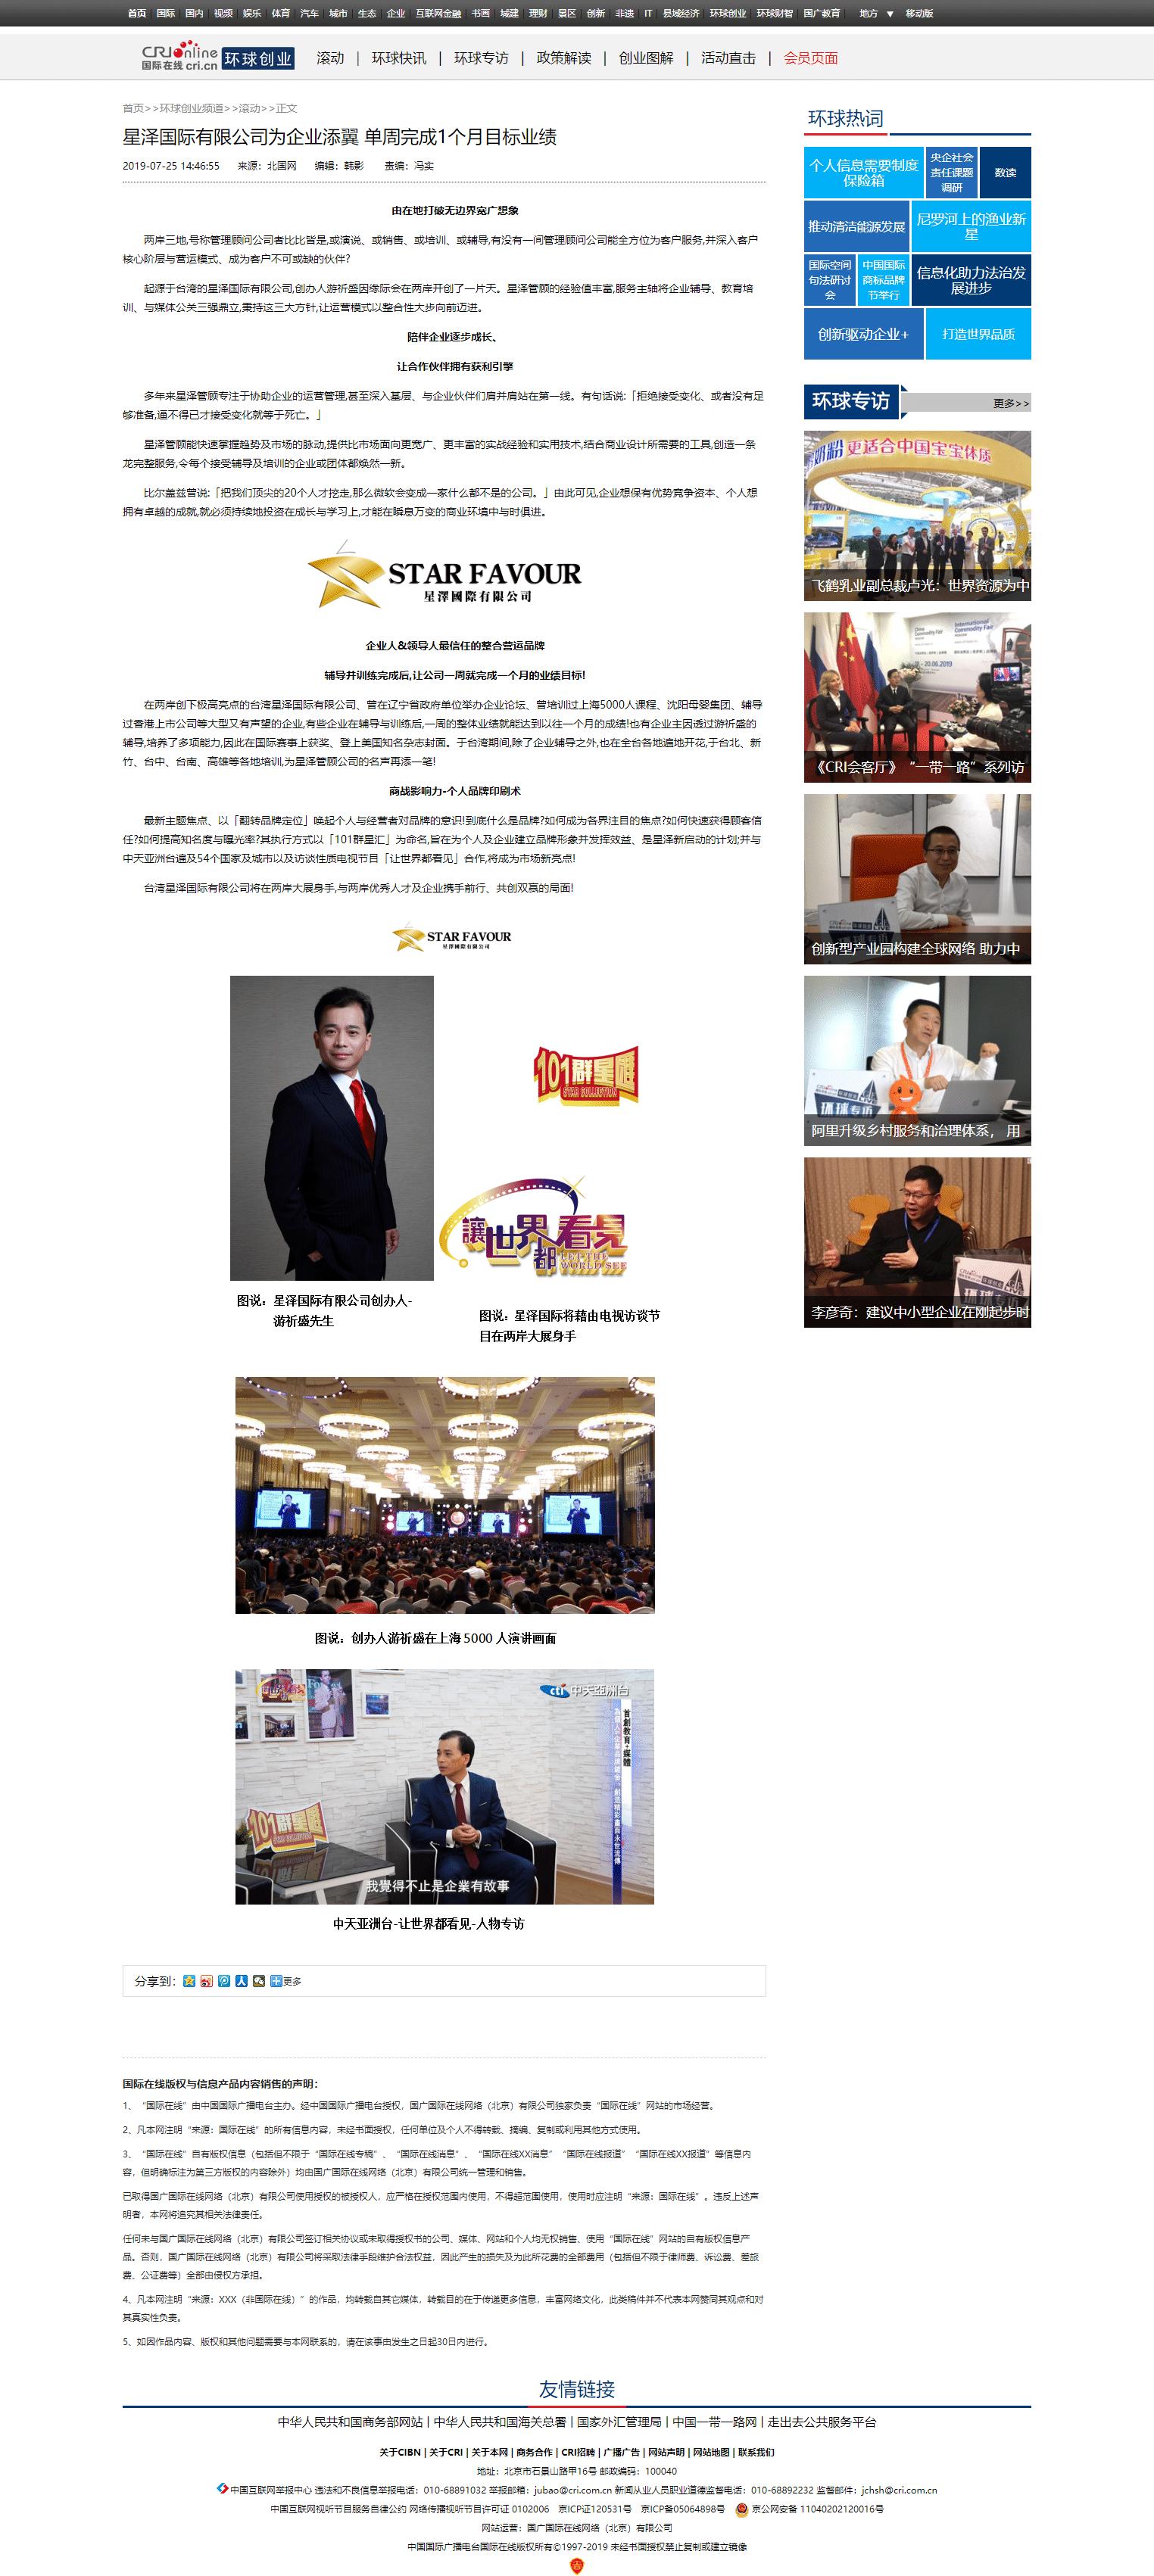 10国际在线 - ge.cri.cn - 星泽国际有限公司为企业添翼 单周完成1个月目标业绩